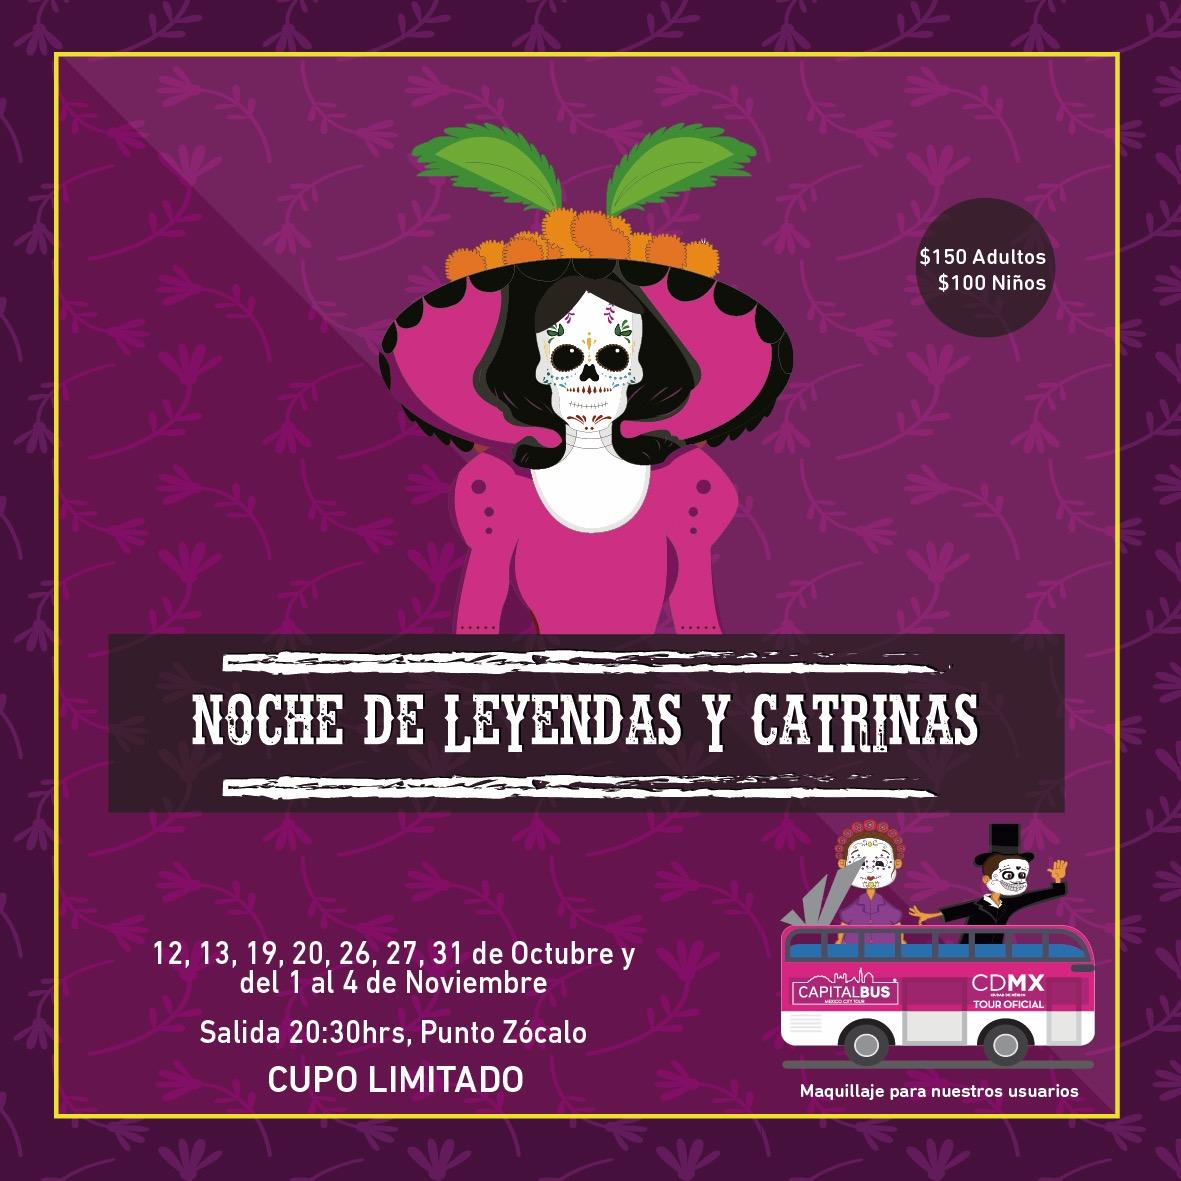 NOCHE DE LEYENDAS Y CATRINAS